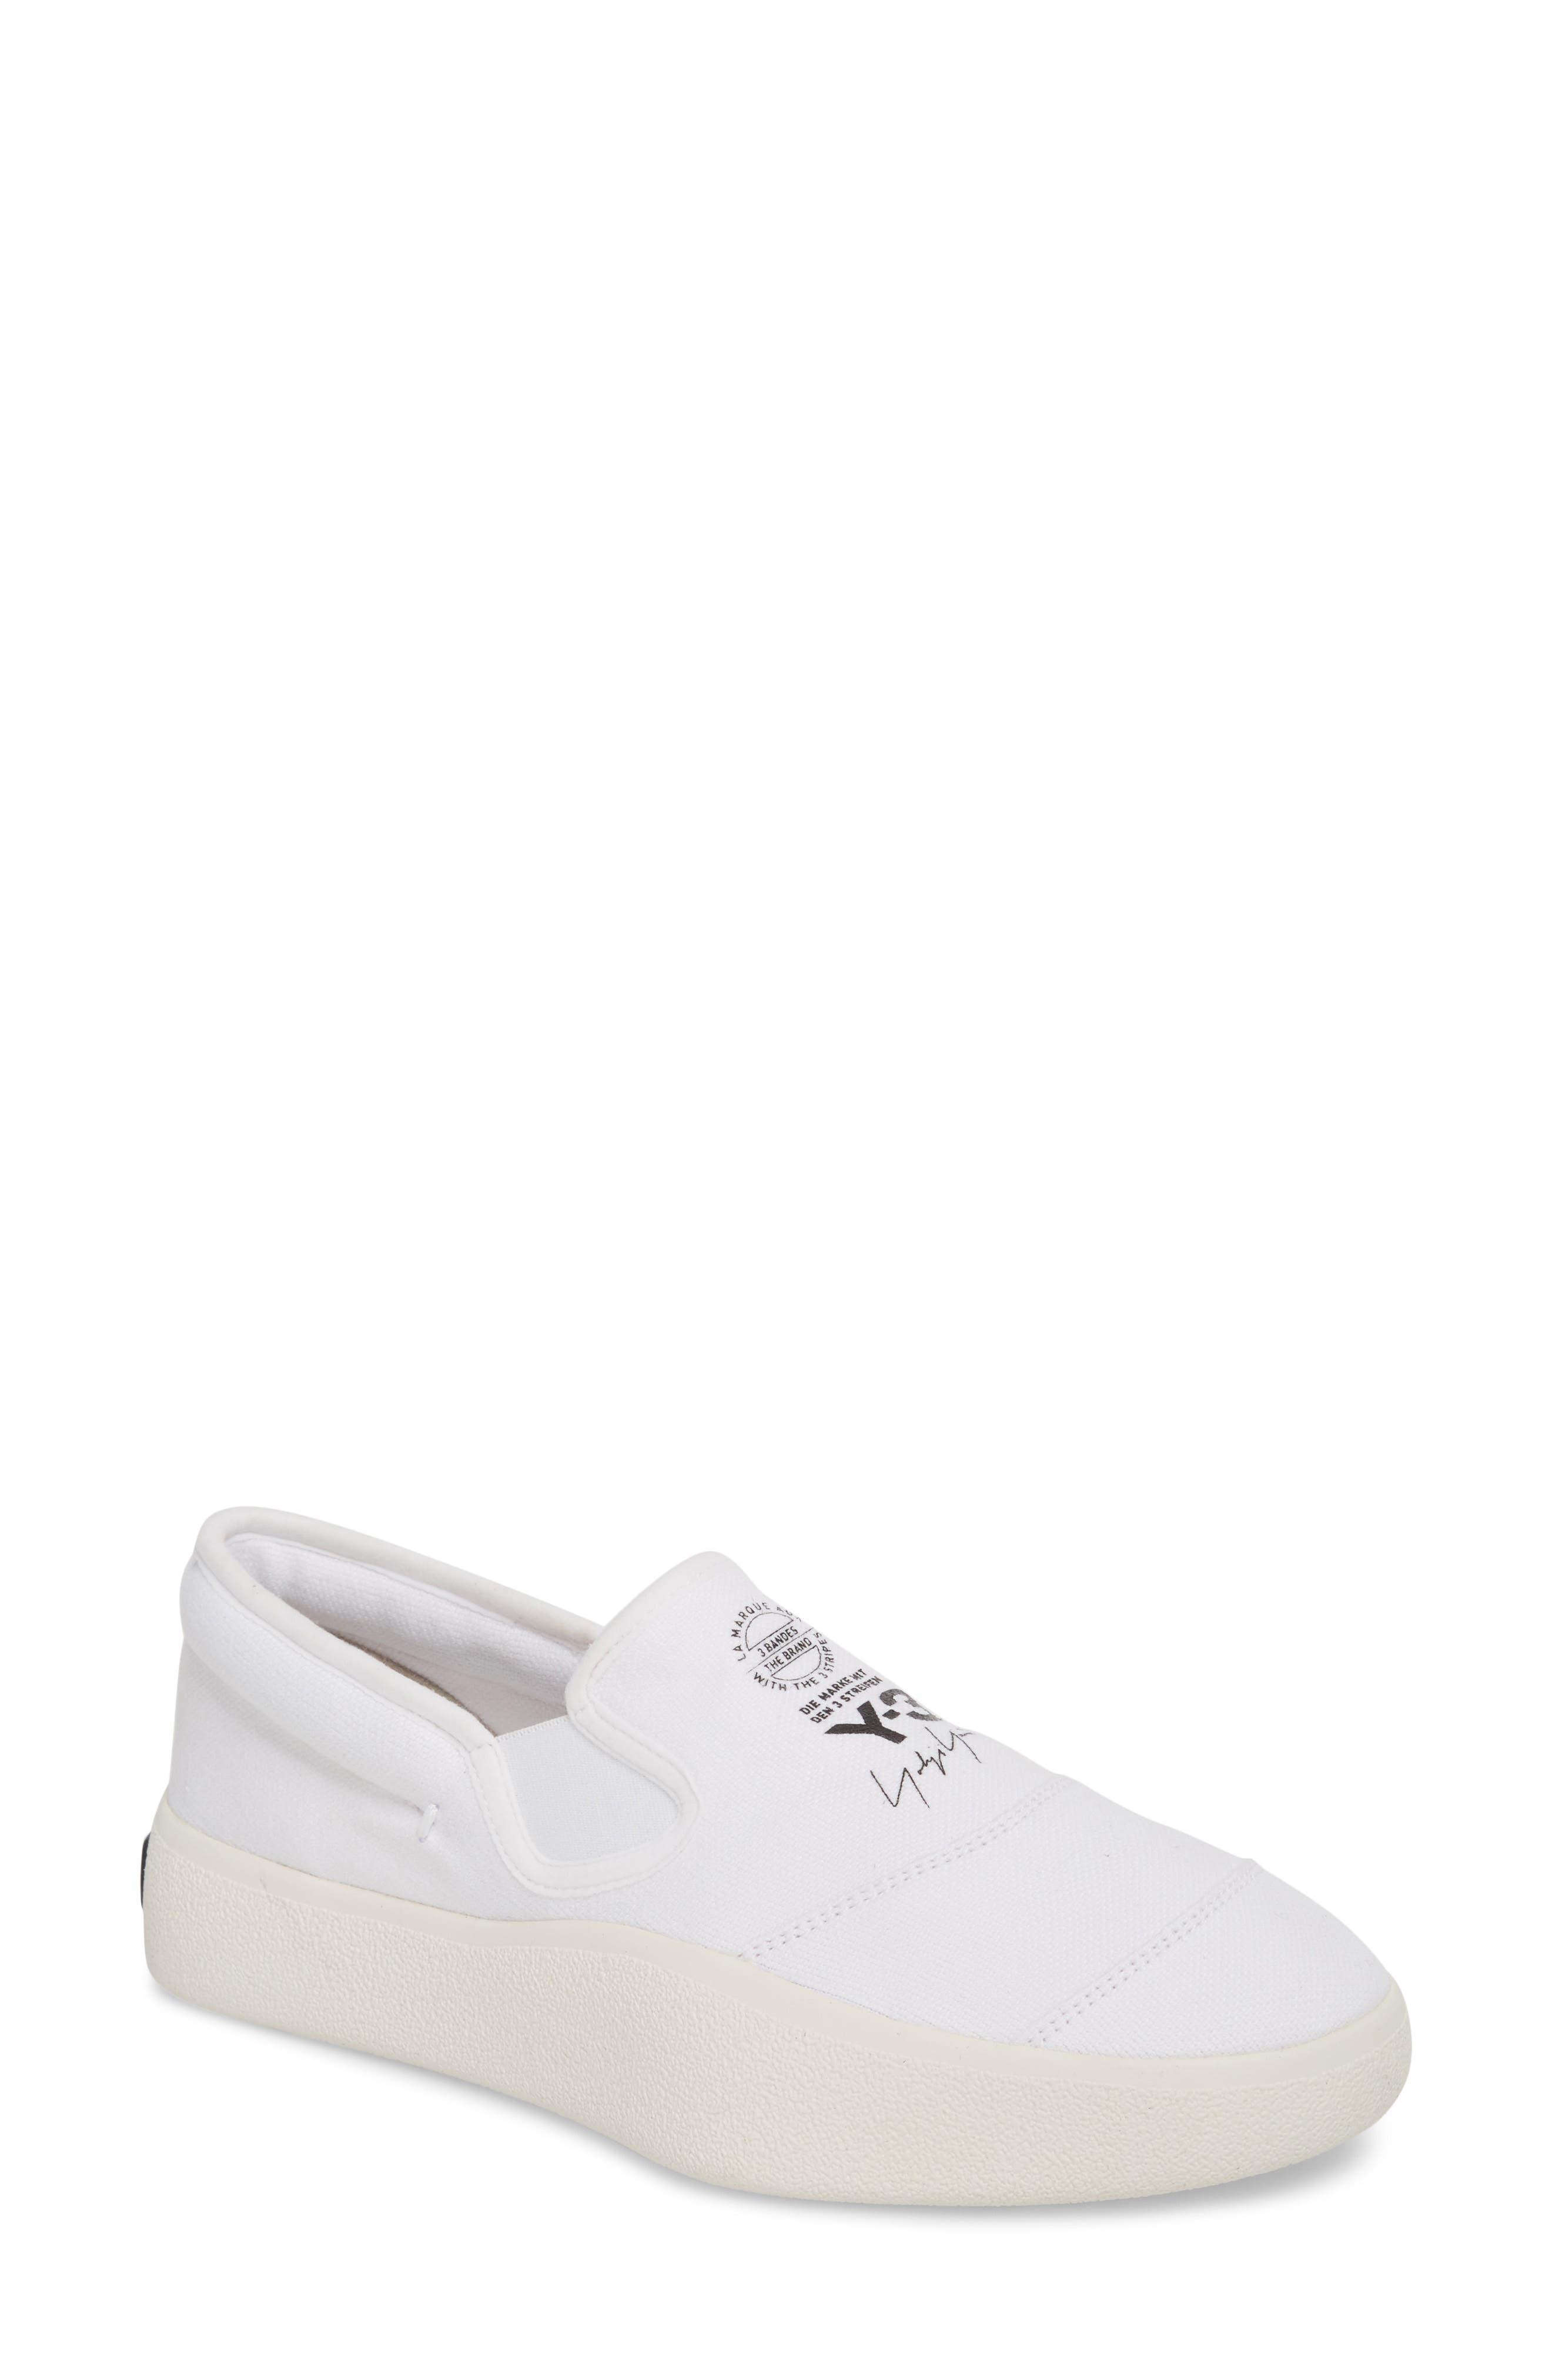 Alternate Image 1 Selected - Y-3 Tangutsu Slip-On Sneaker (Women)